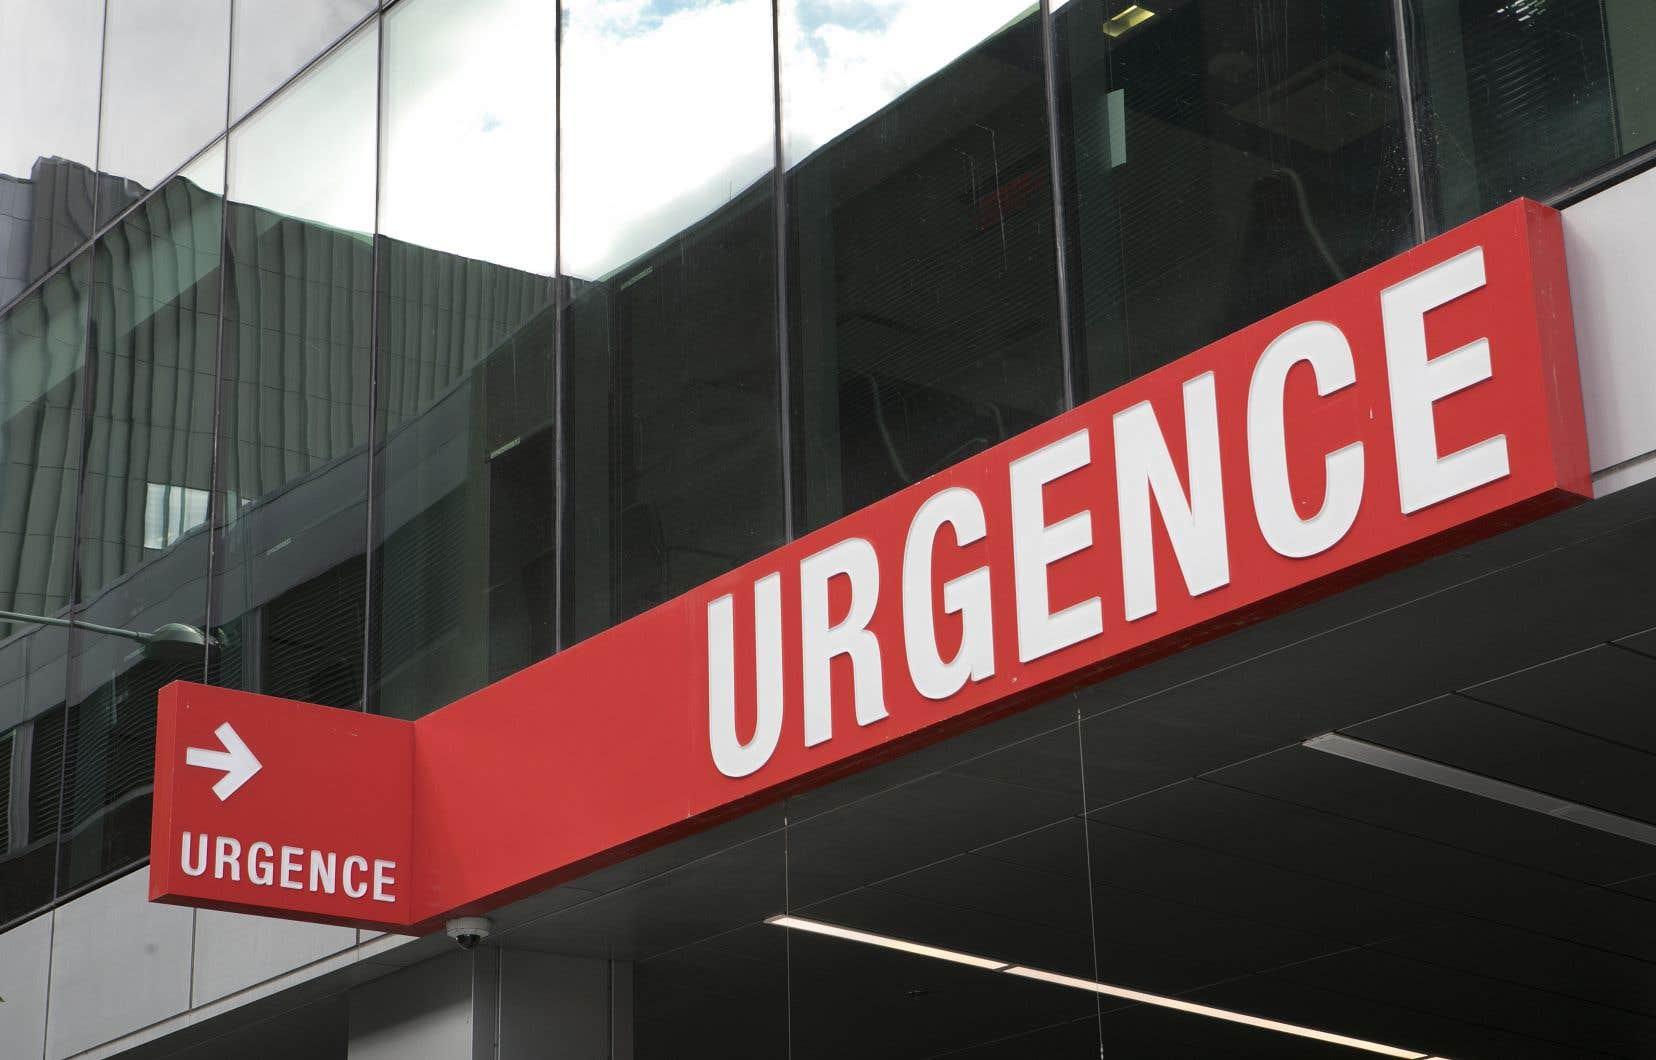 À Montréal, 15 des 21 établissements de santé se trouvent en situation d'achalandage élevé ou très élevé.